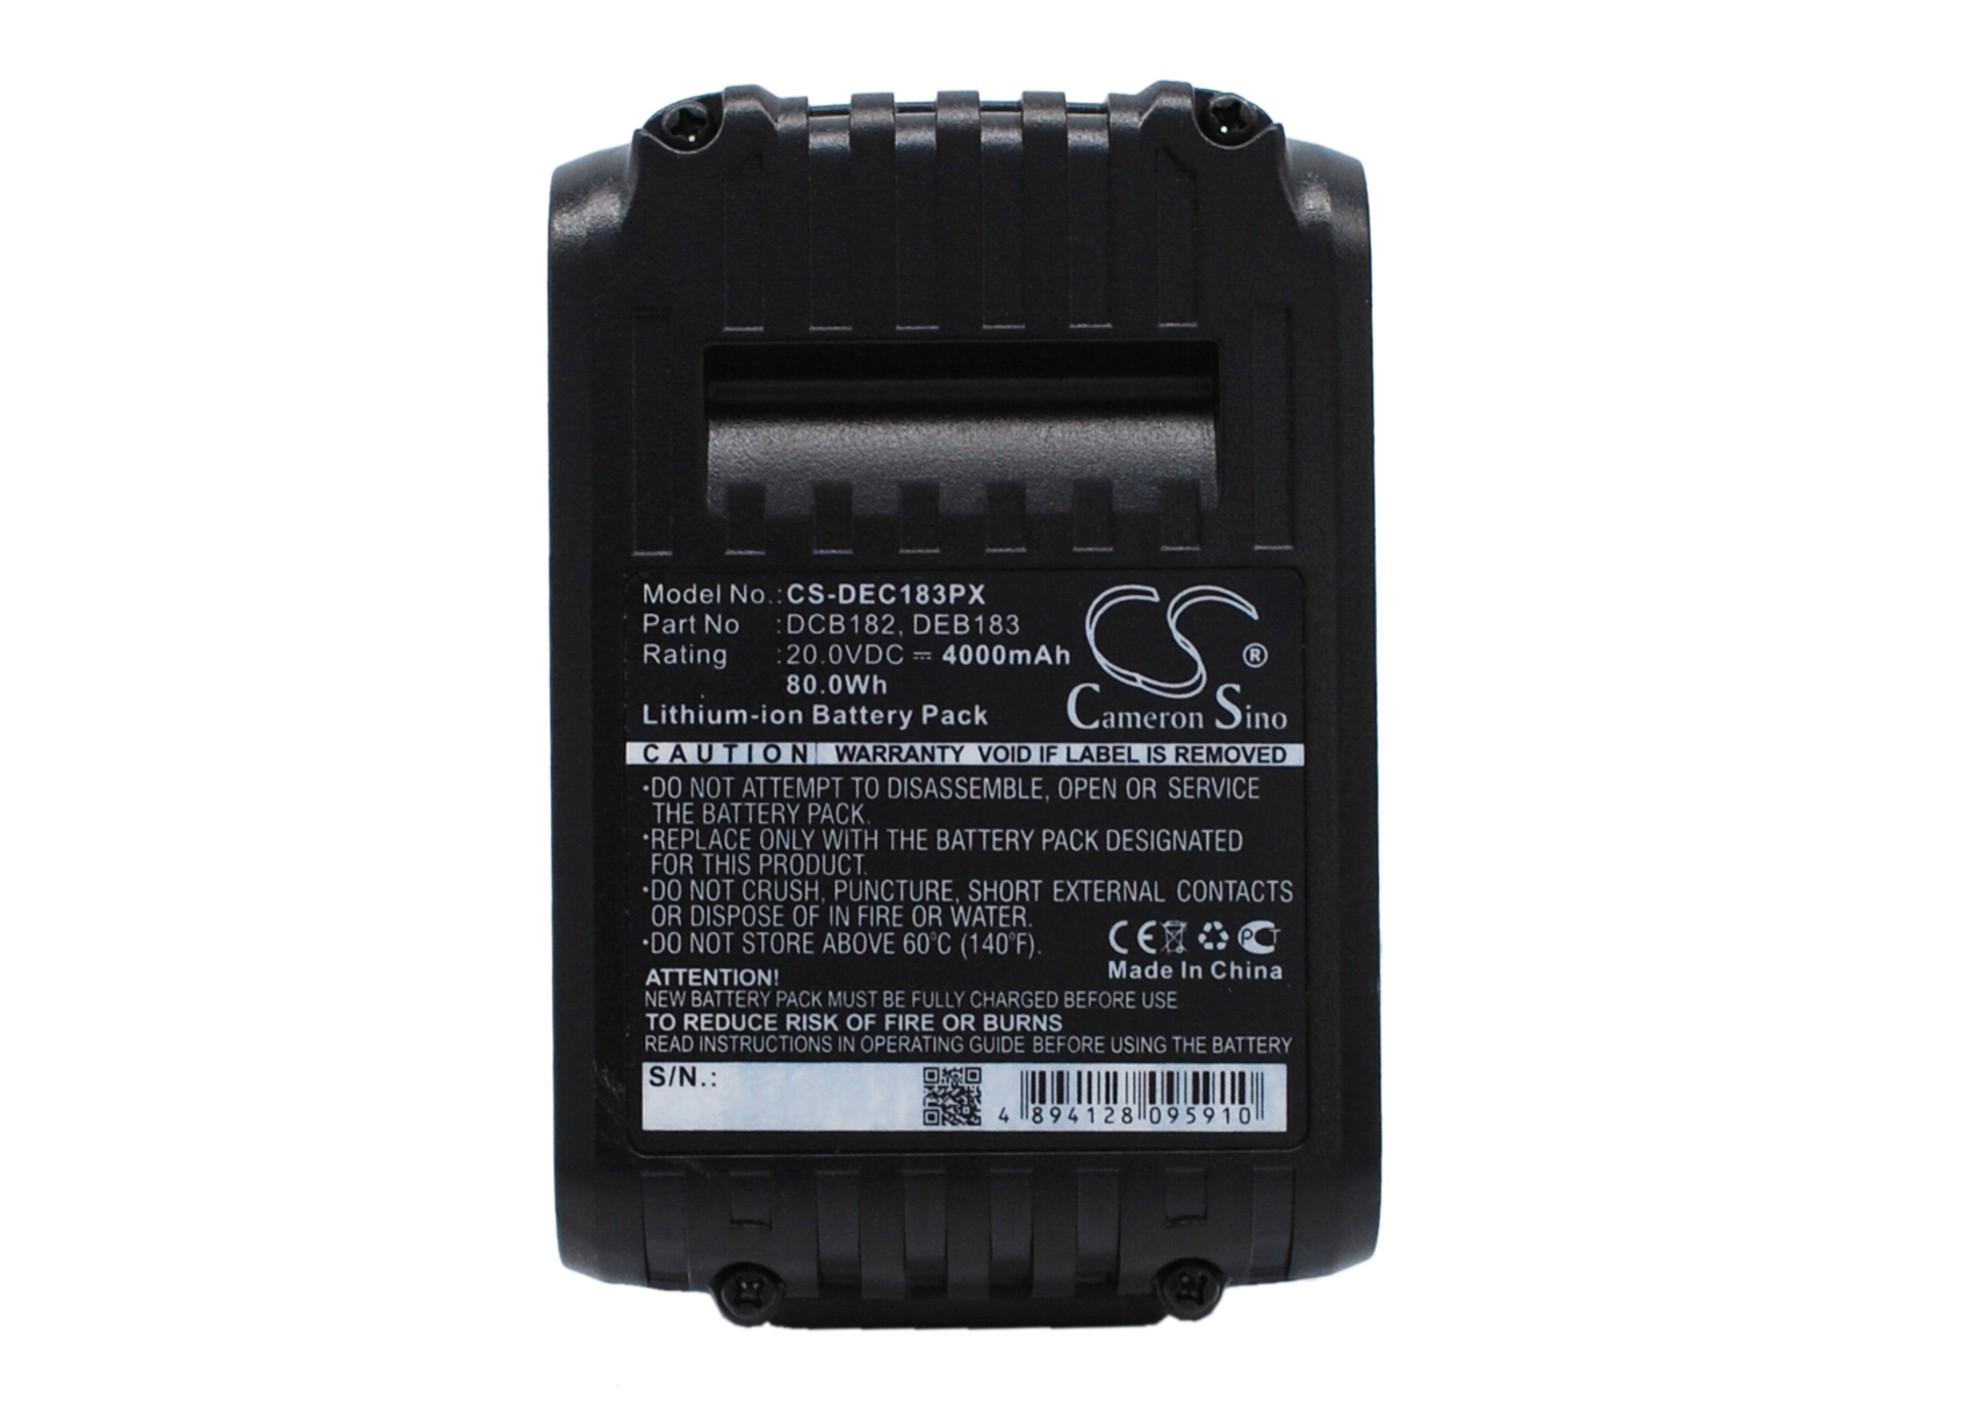 Cameron Sino baterie do nářadí pro DEWALT DCS391L1 20V Li-ion 4000mAh černá - neoriginální